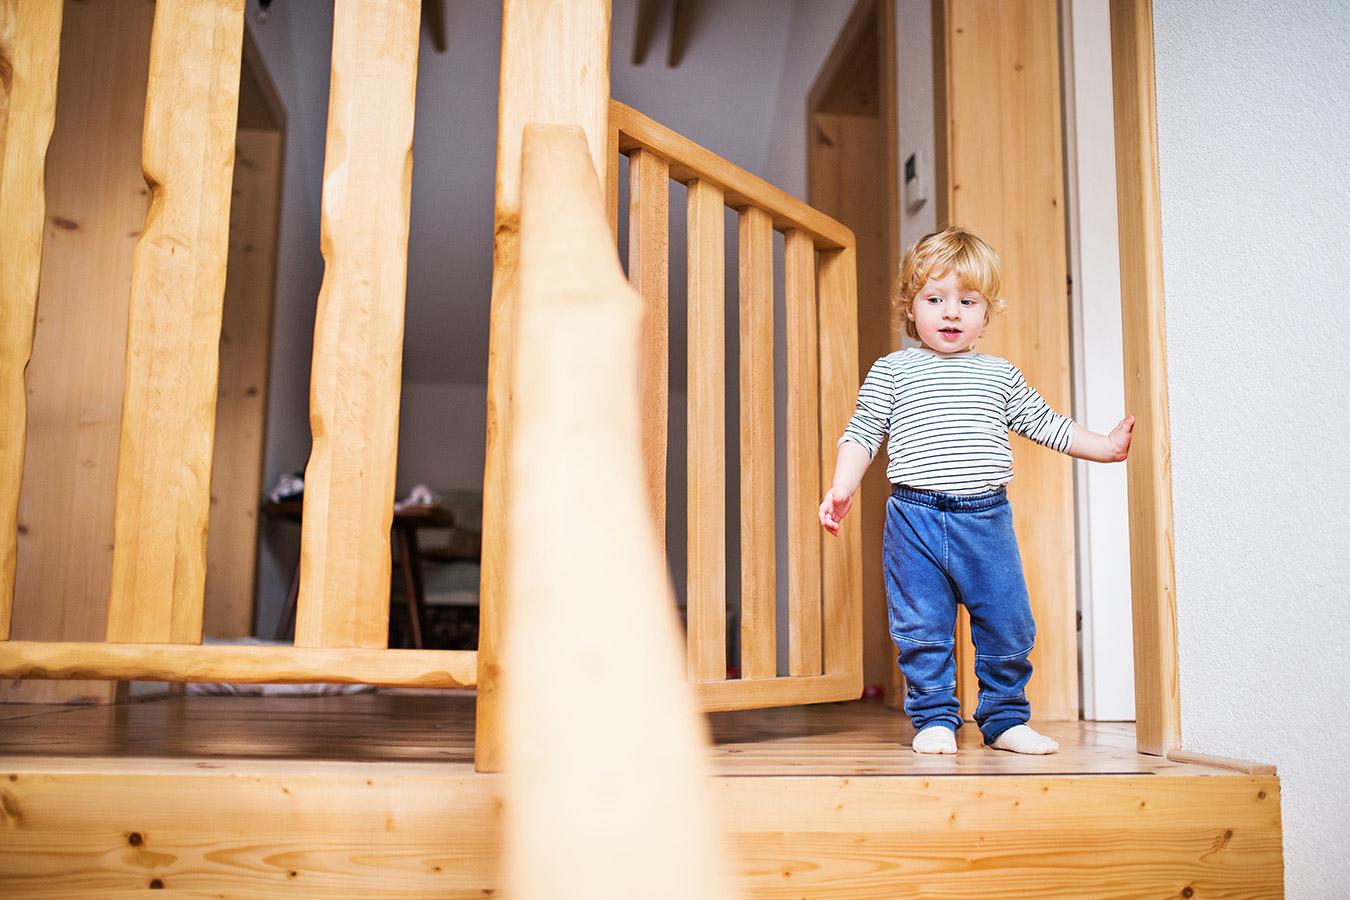 Zabezpieczenie schodów przed dziećmi